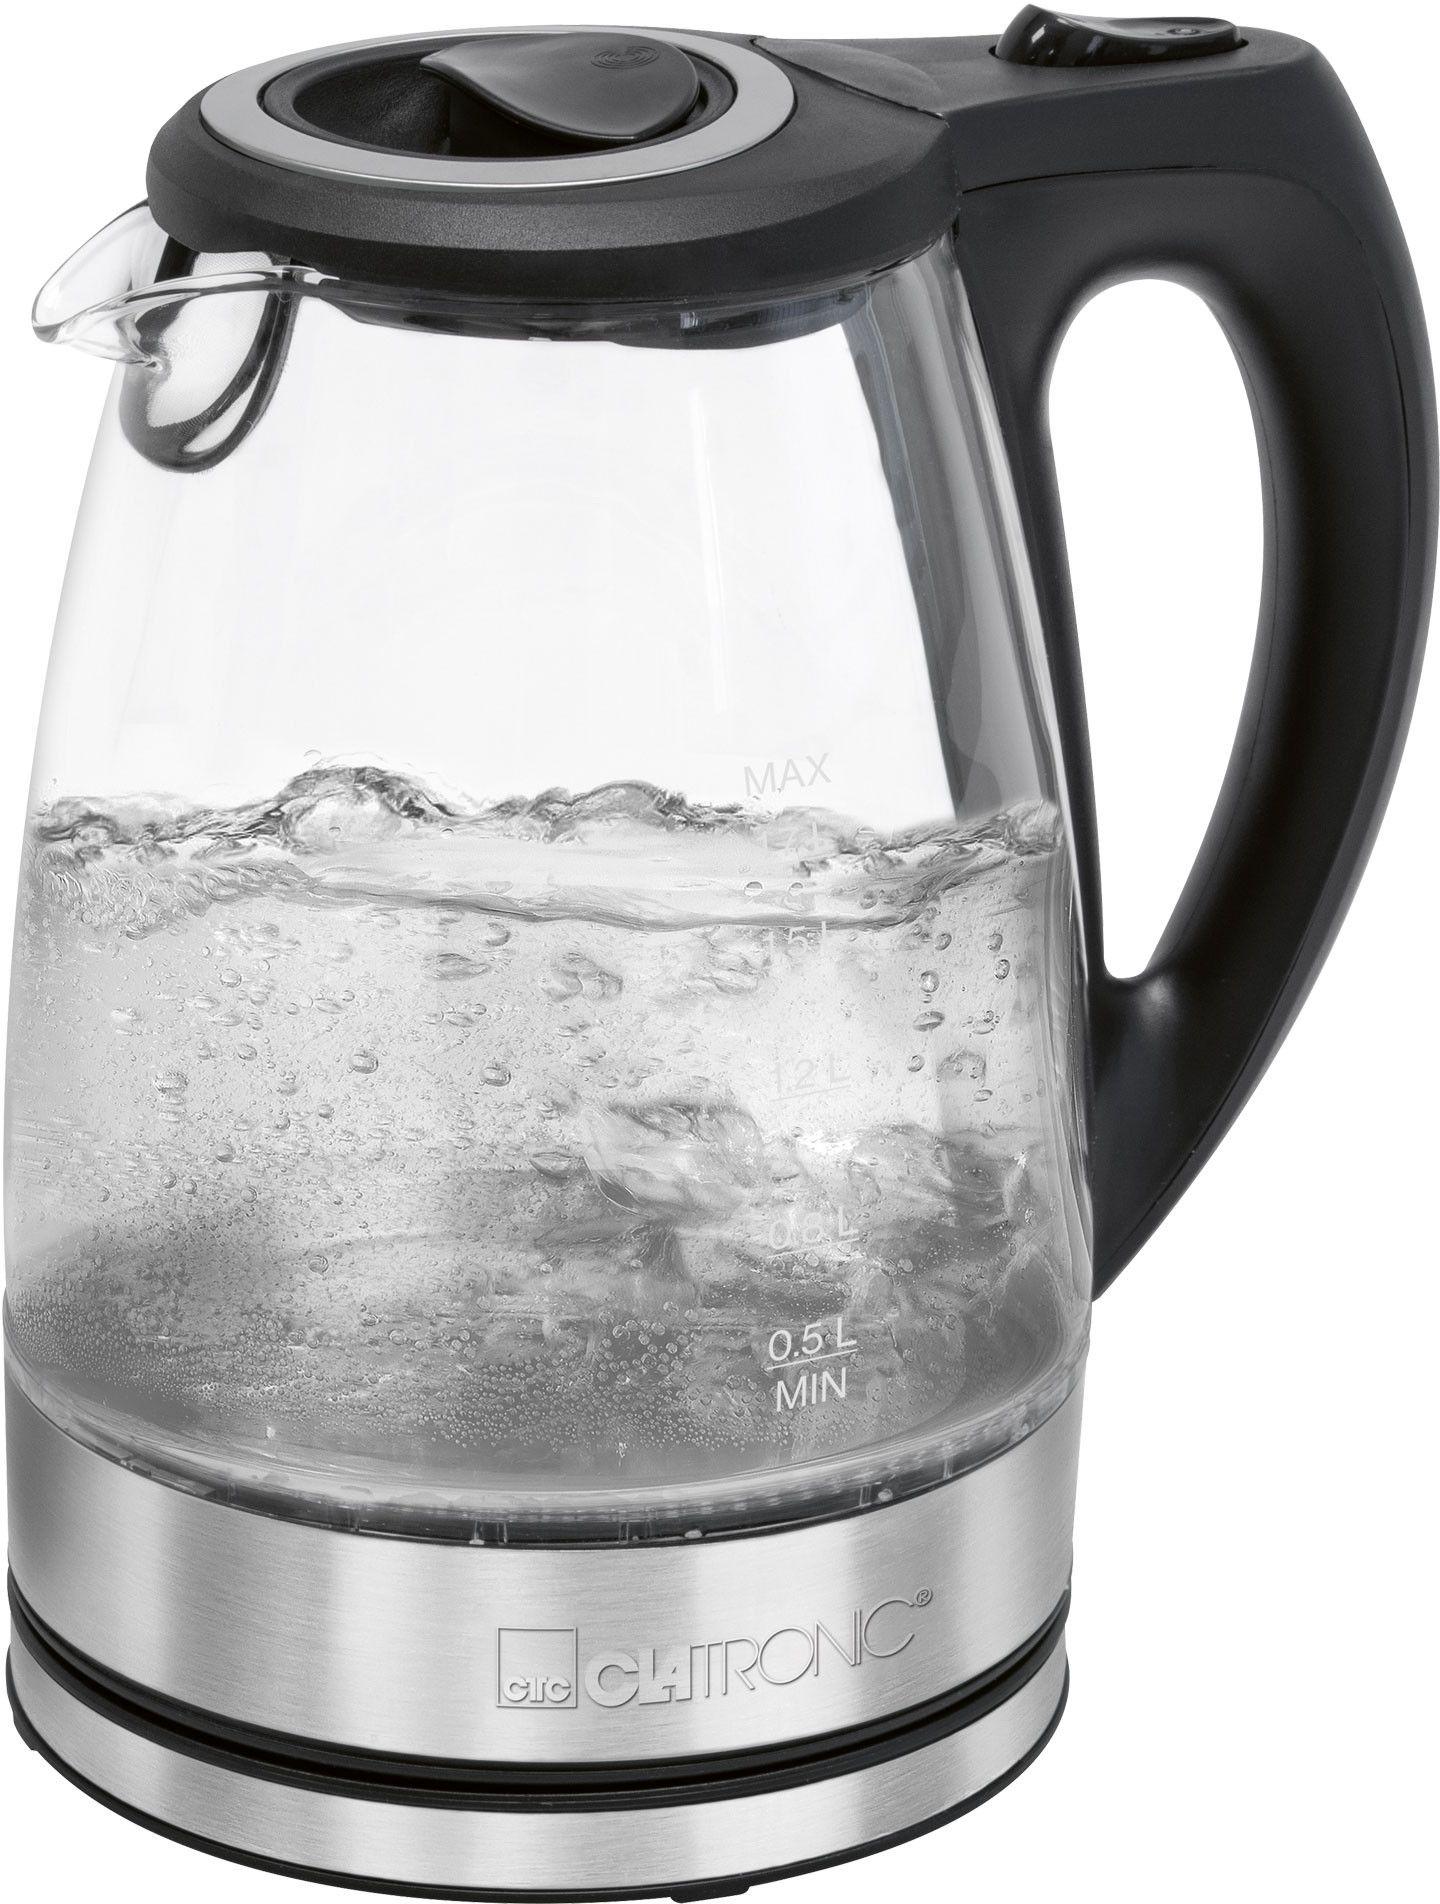 Bezprzewodowy szklany czajnik elektryczny Clatronic WKS 3744 G